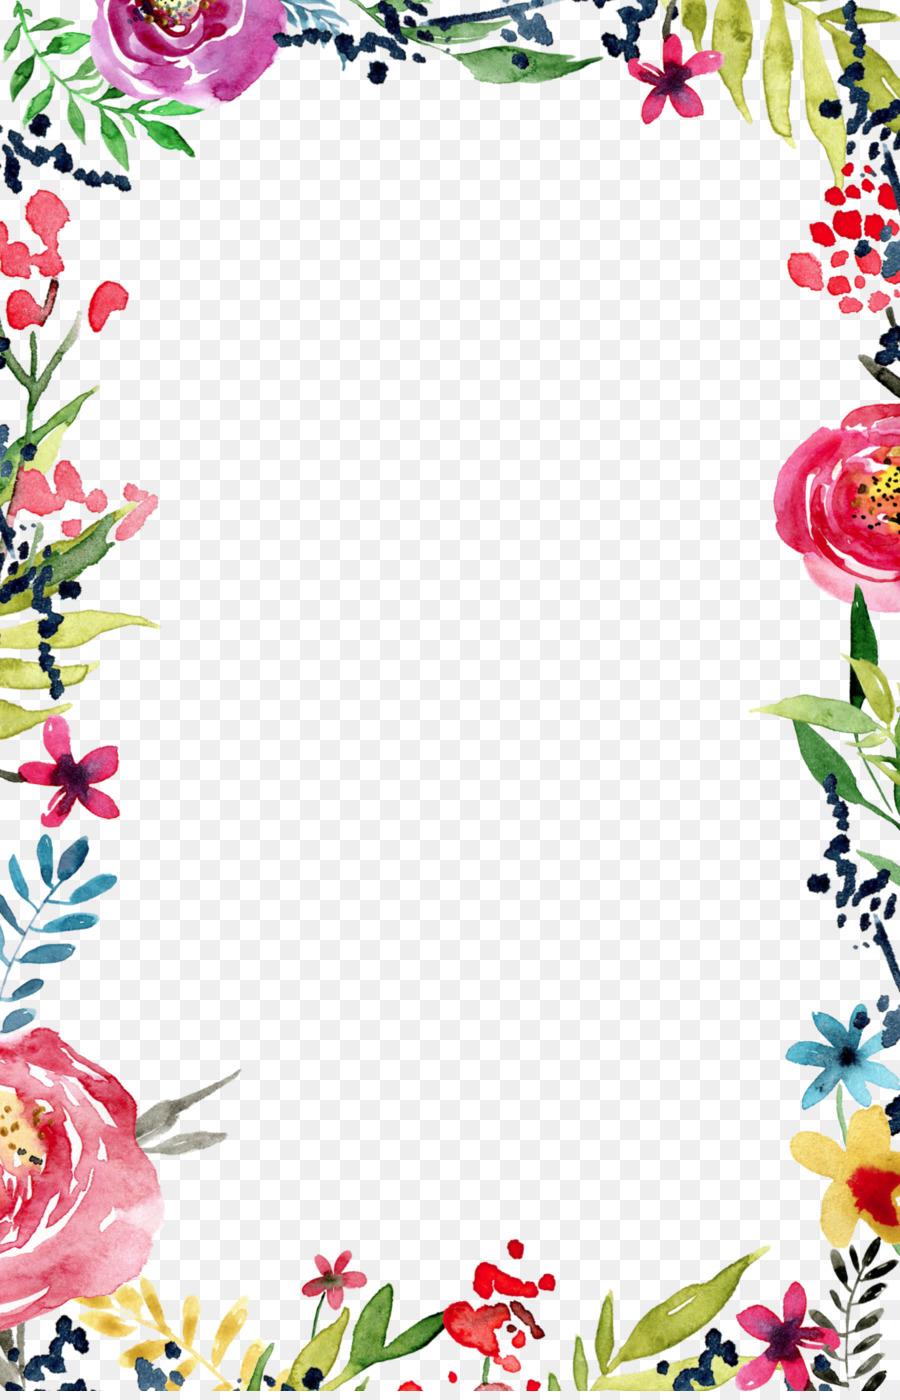 Descarga gratuita de Invitación De La Boda, Flor, Bordes Y Marcos imágenes PNG